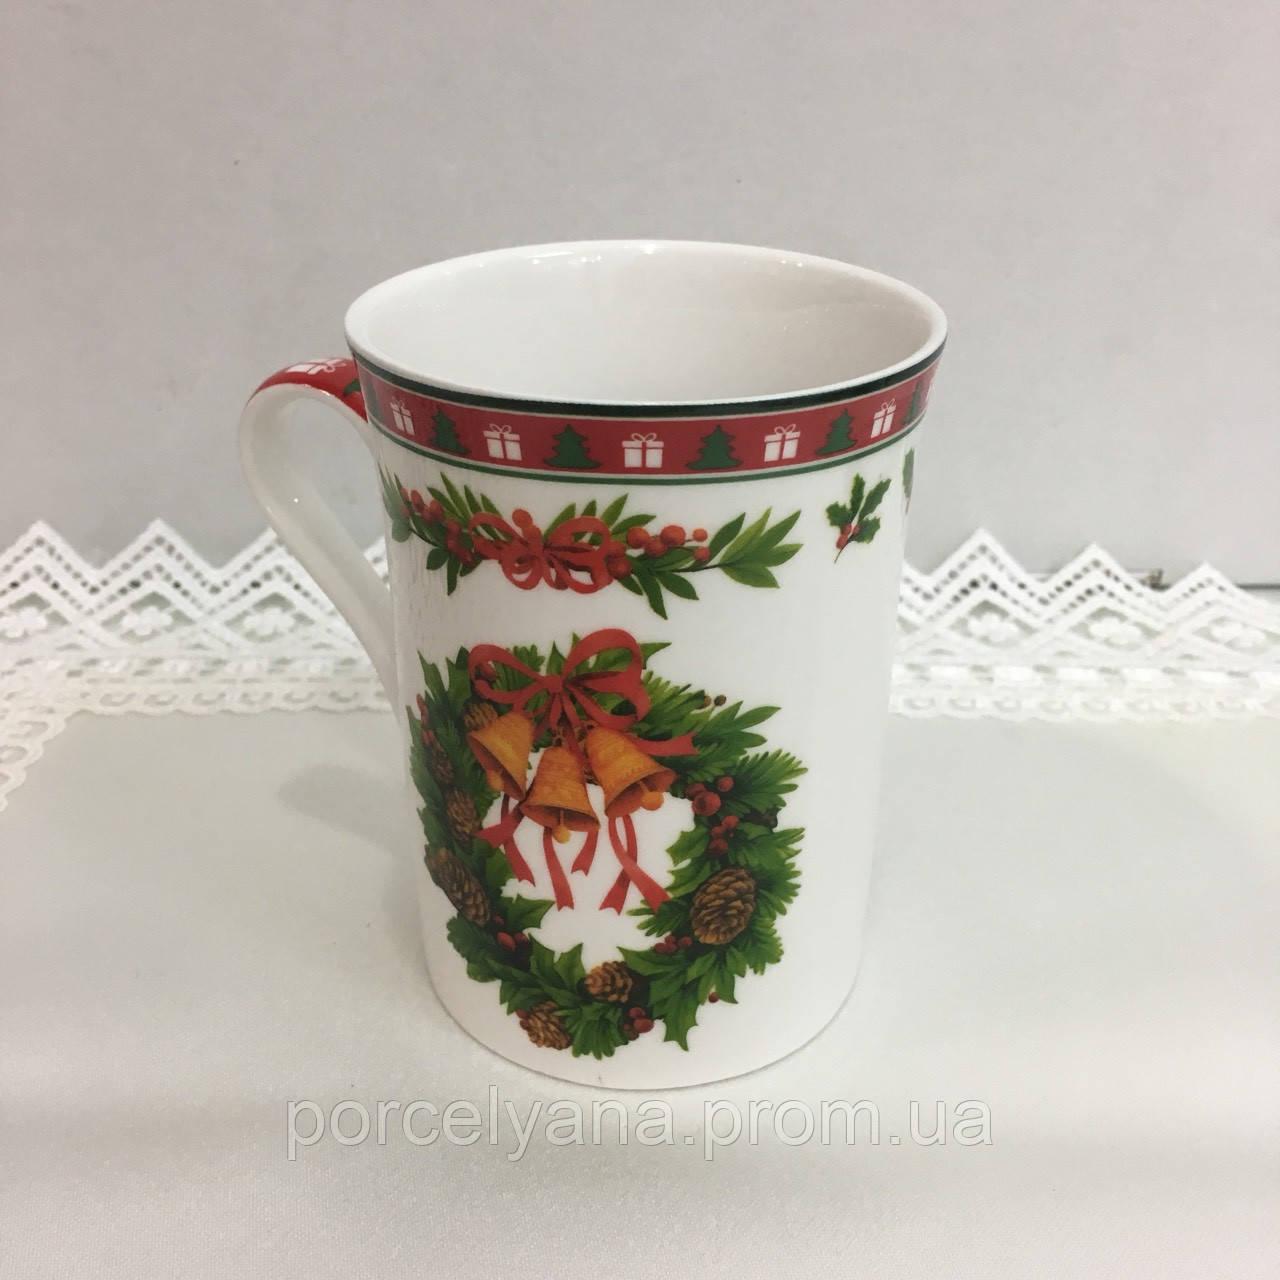 Чашка фарфоровая Новый Год в коробке 300 мл